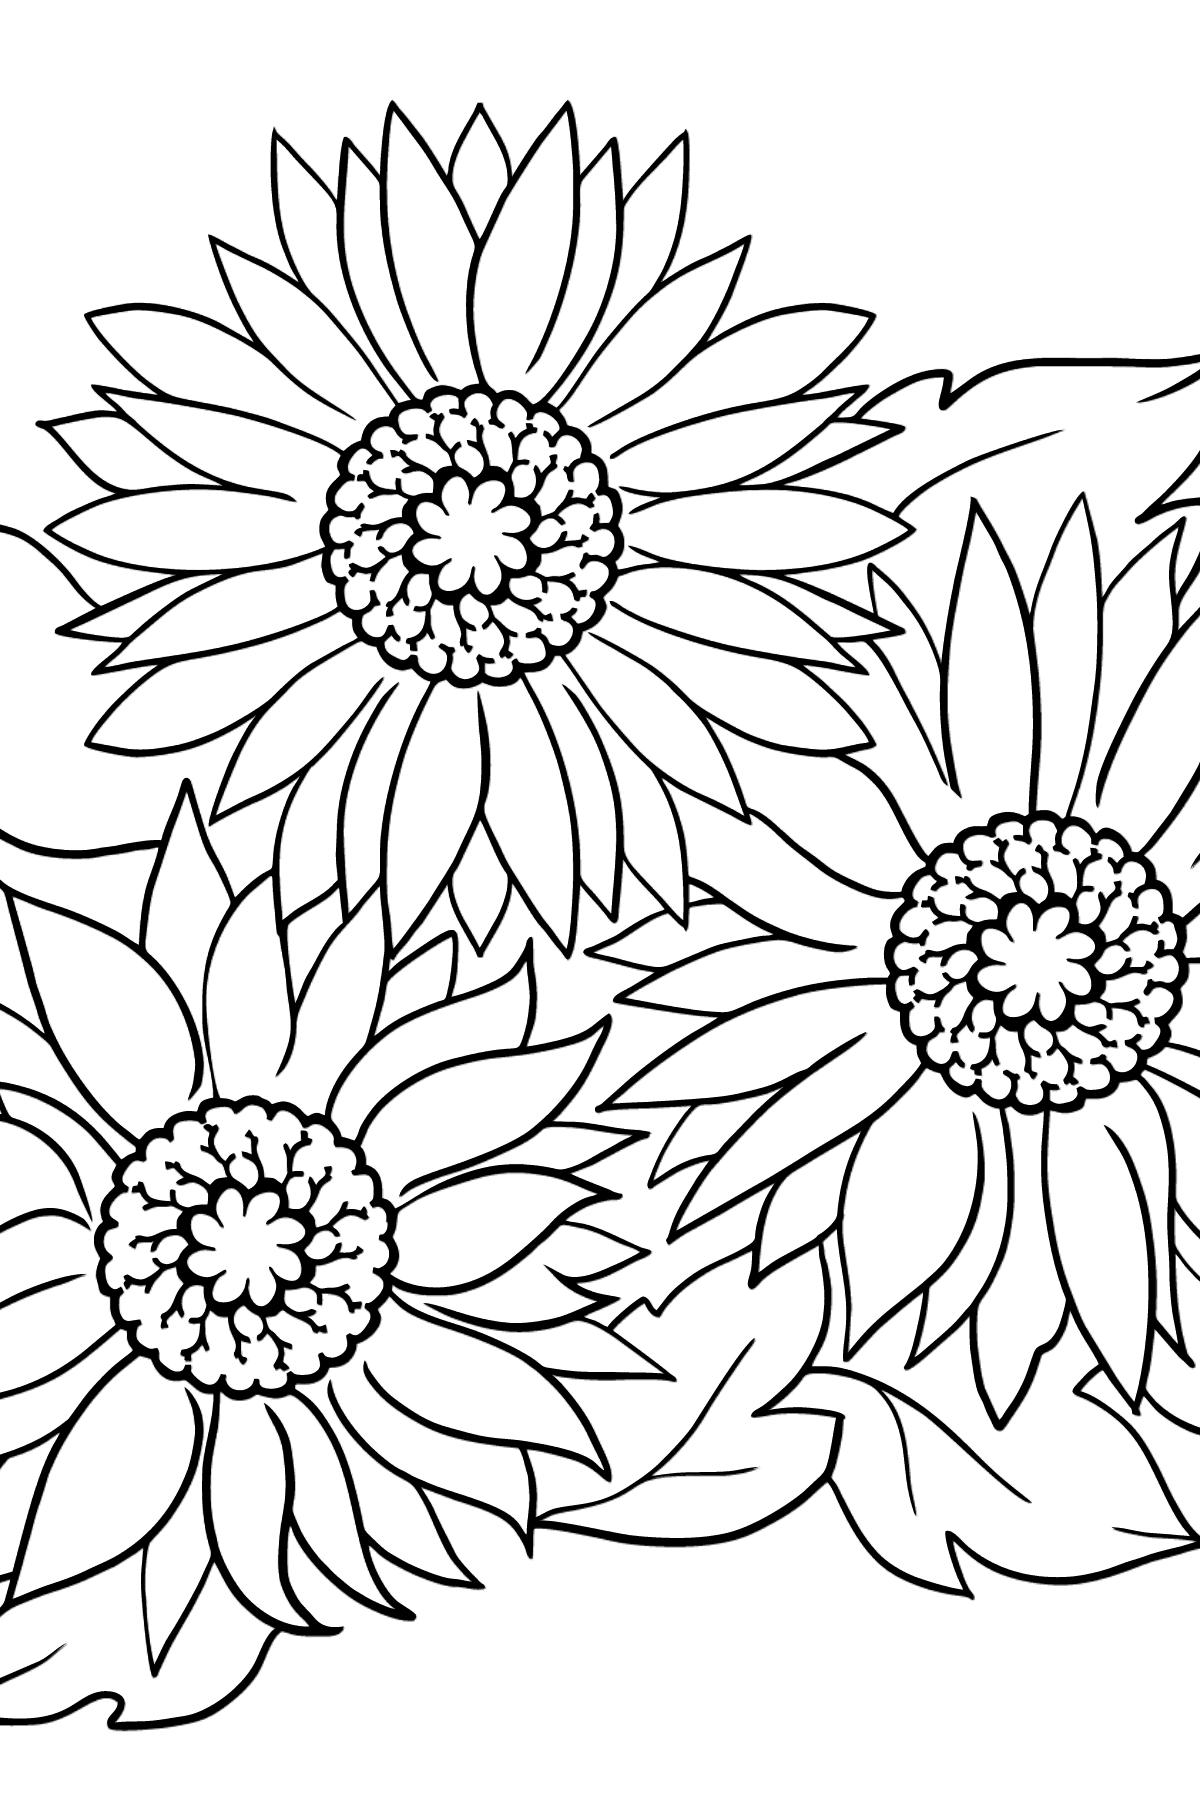 Раскраска единорог - Картинки для Детей